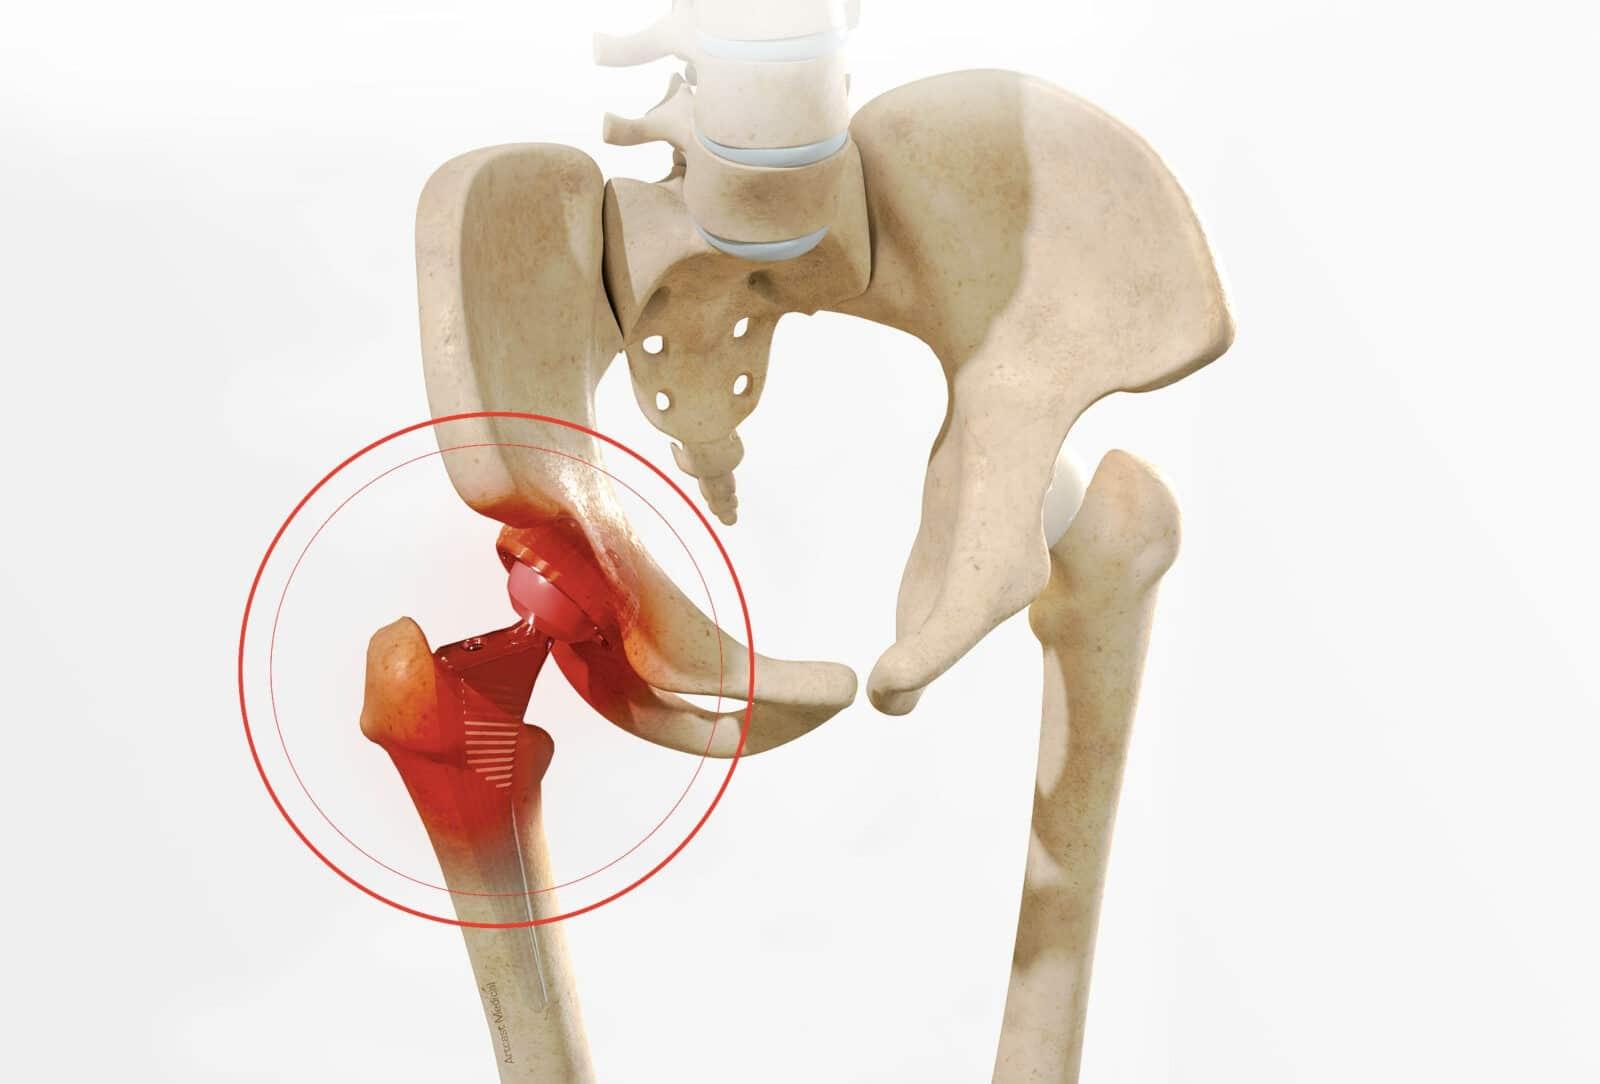 Descellement prothèse de hanche: Symptômes, infos et traitement à Paris - Dr Paillard